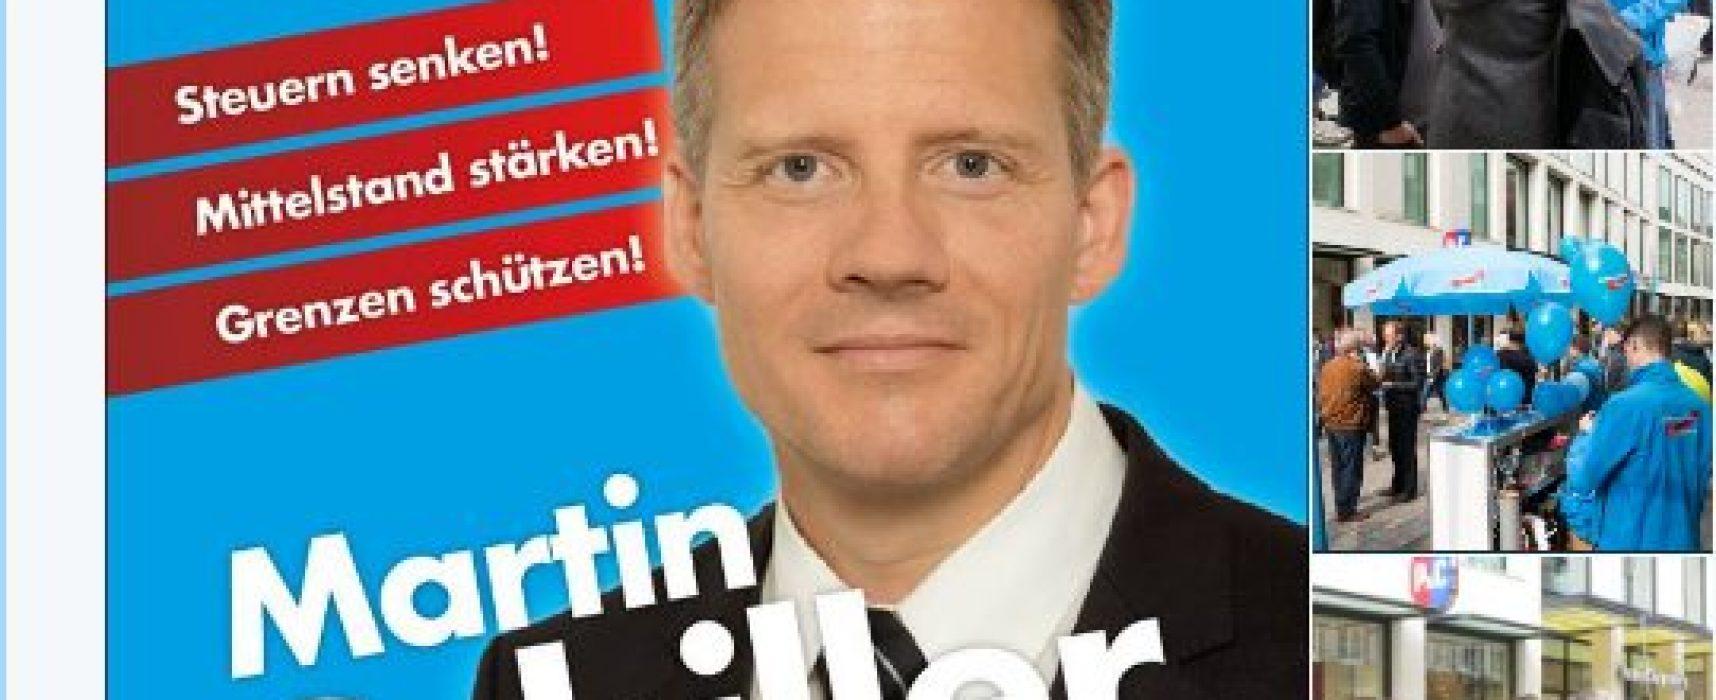 Elecciones en Alemania: los de ultraderecha promocionaron bots rusos en Twitter